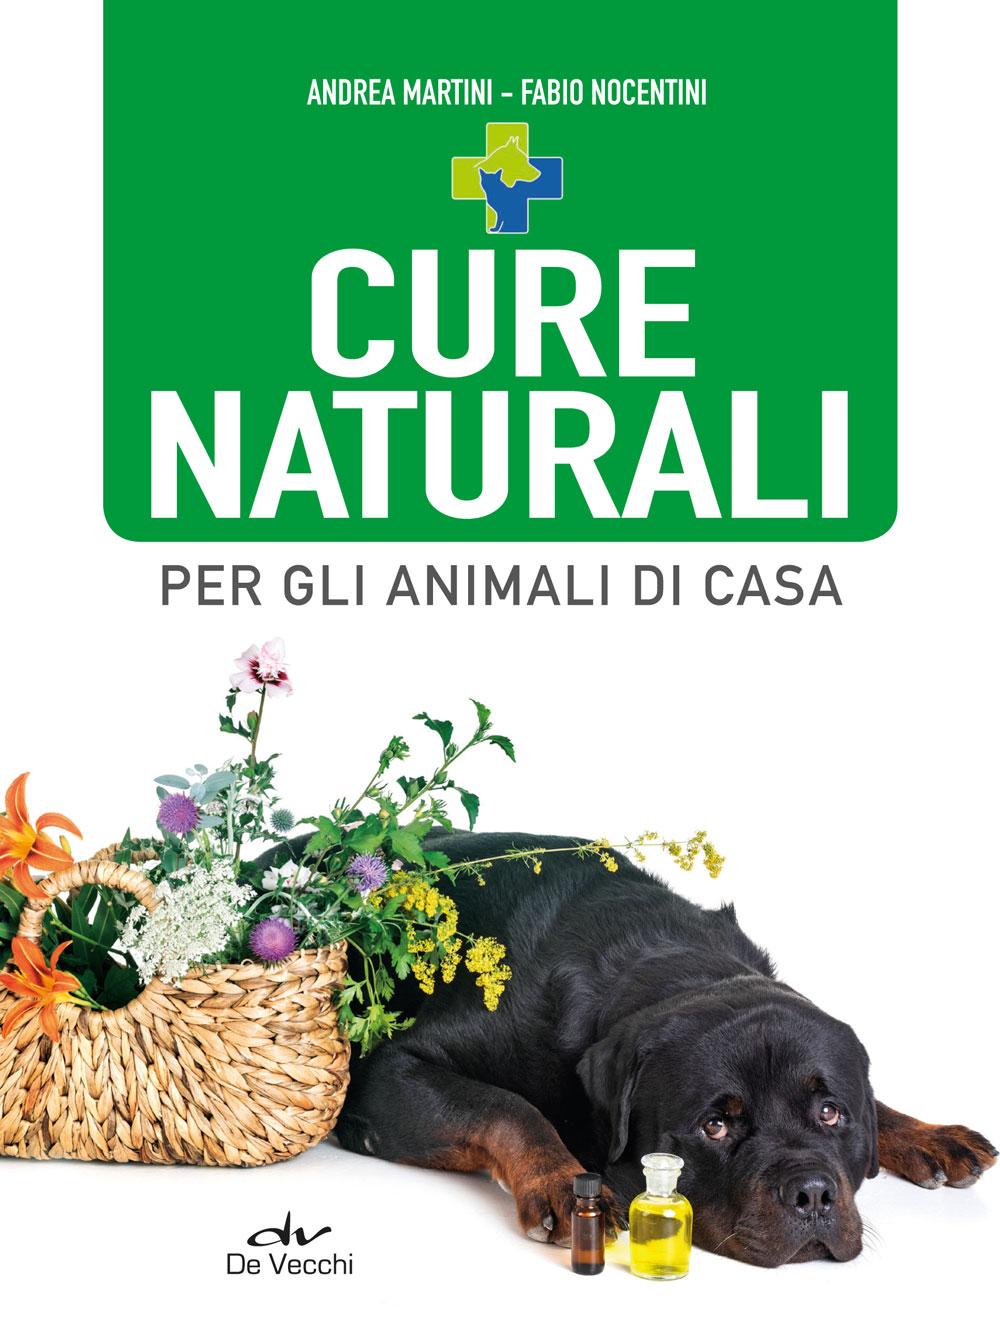 Cure Naturali per gli animali di casa